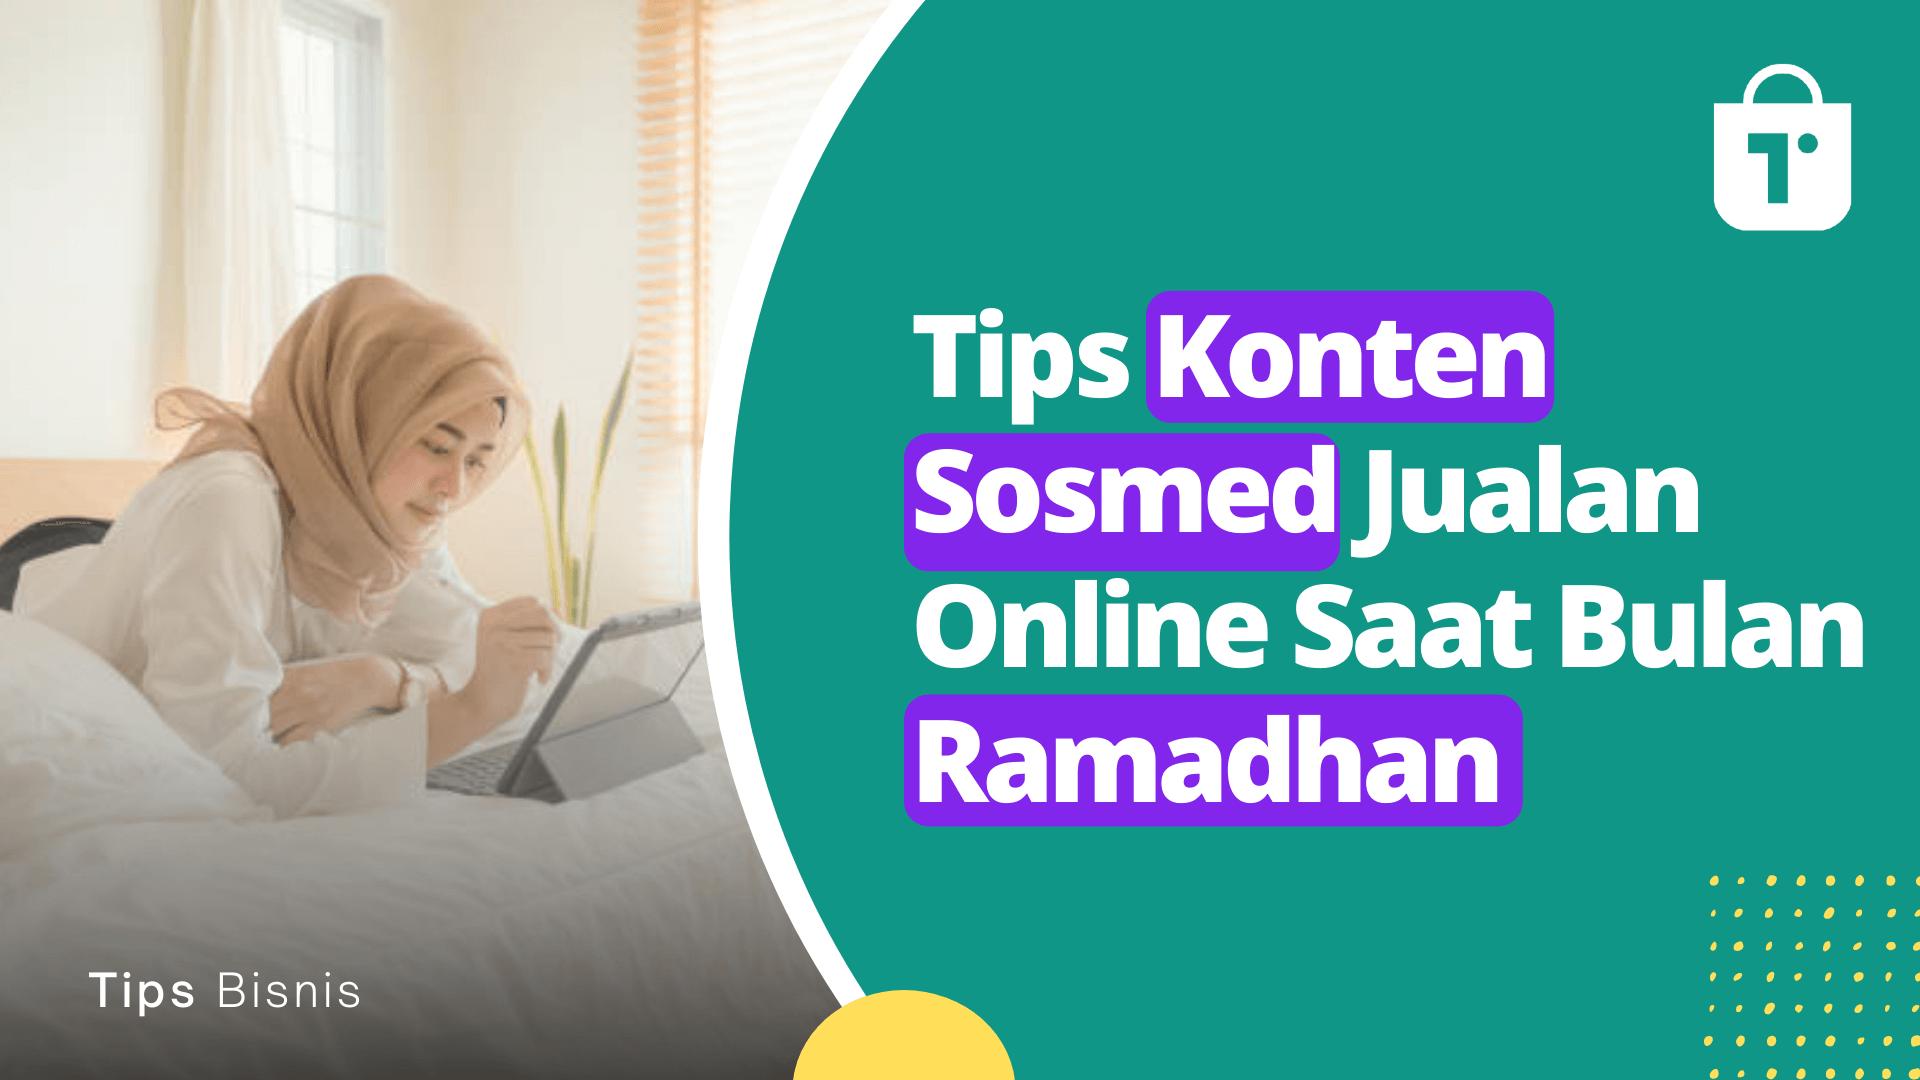 Tips Konten Sosmed Jualan Online Saat Bulan Ramadhan